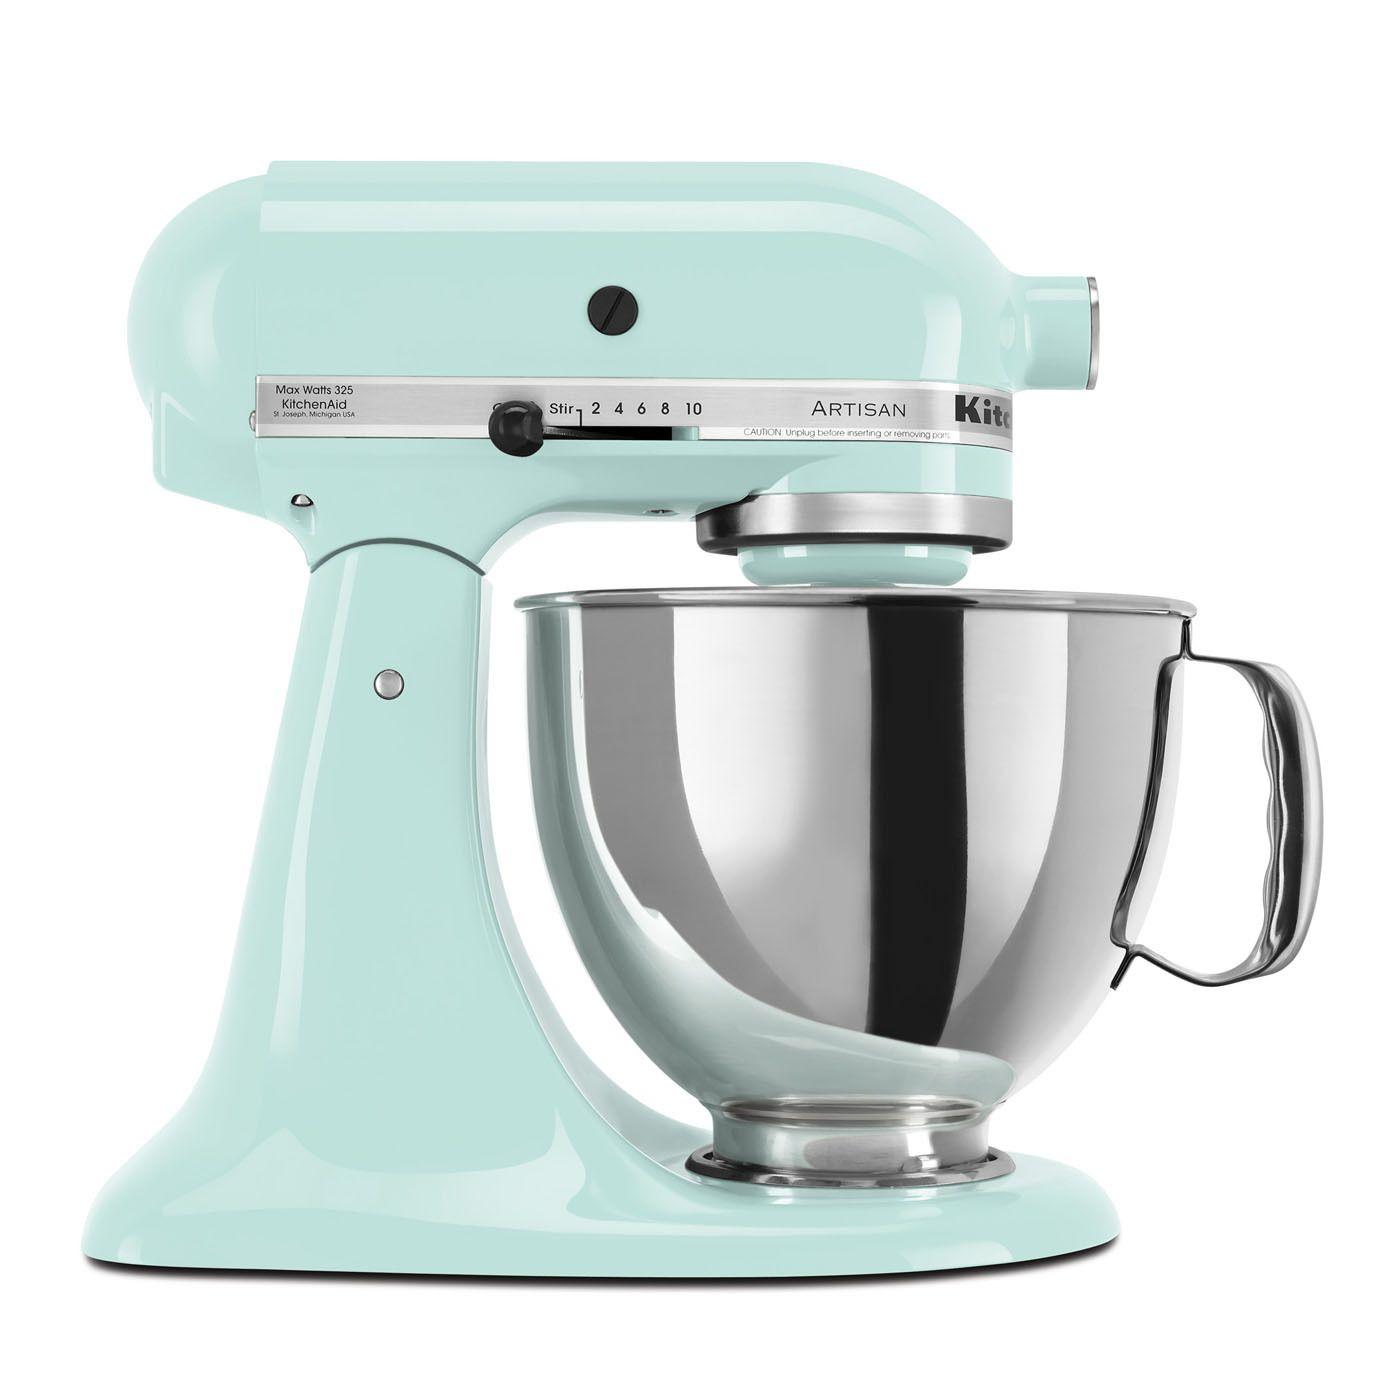 Kitchenaid artisan 5 quart stand mixer i